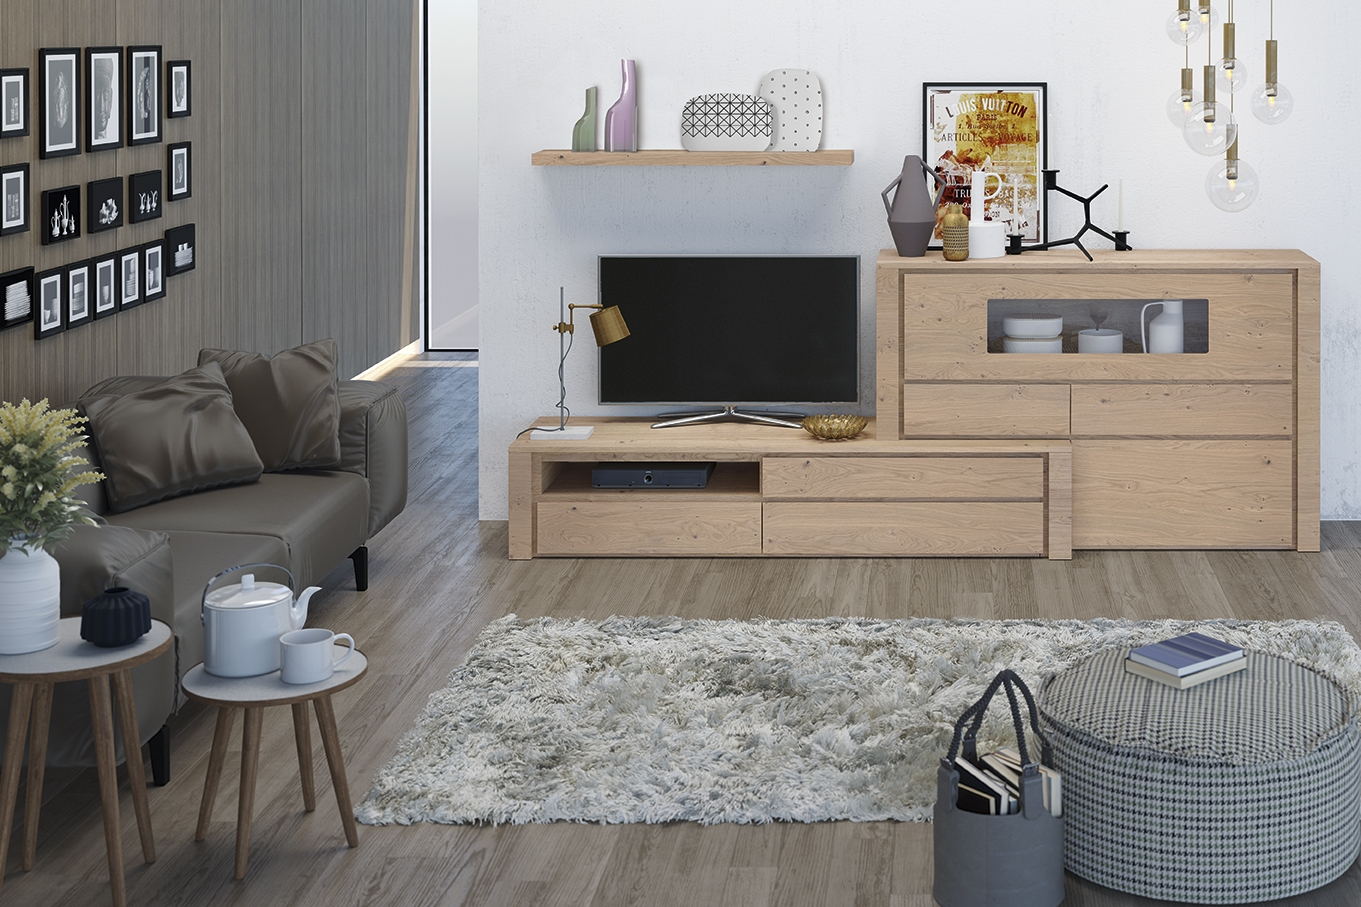 Dise o y artesan a en los muebles de tv garc a sabat for Pegatinas para decorar muebles